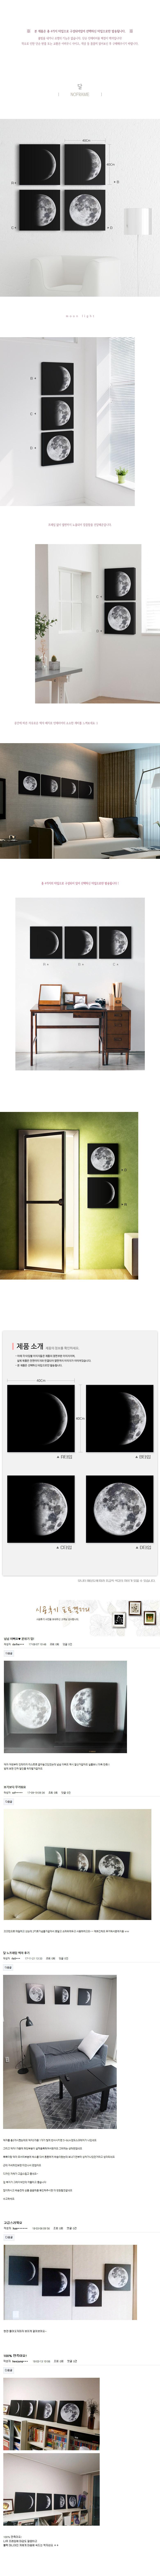 cy972-달_노프레임액자 - 꾸밈, 20,300원, 액자, 벽걸이액자